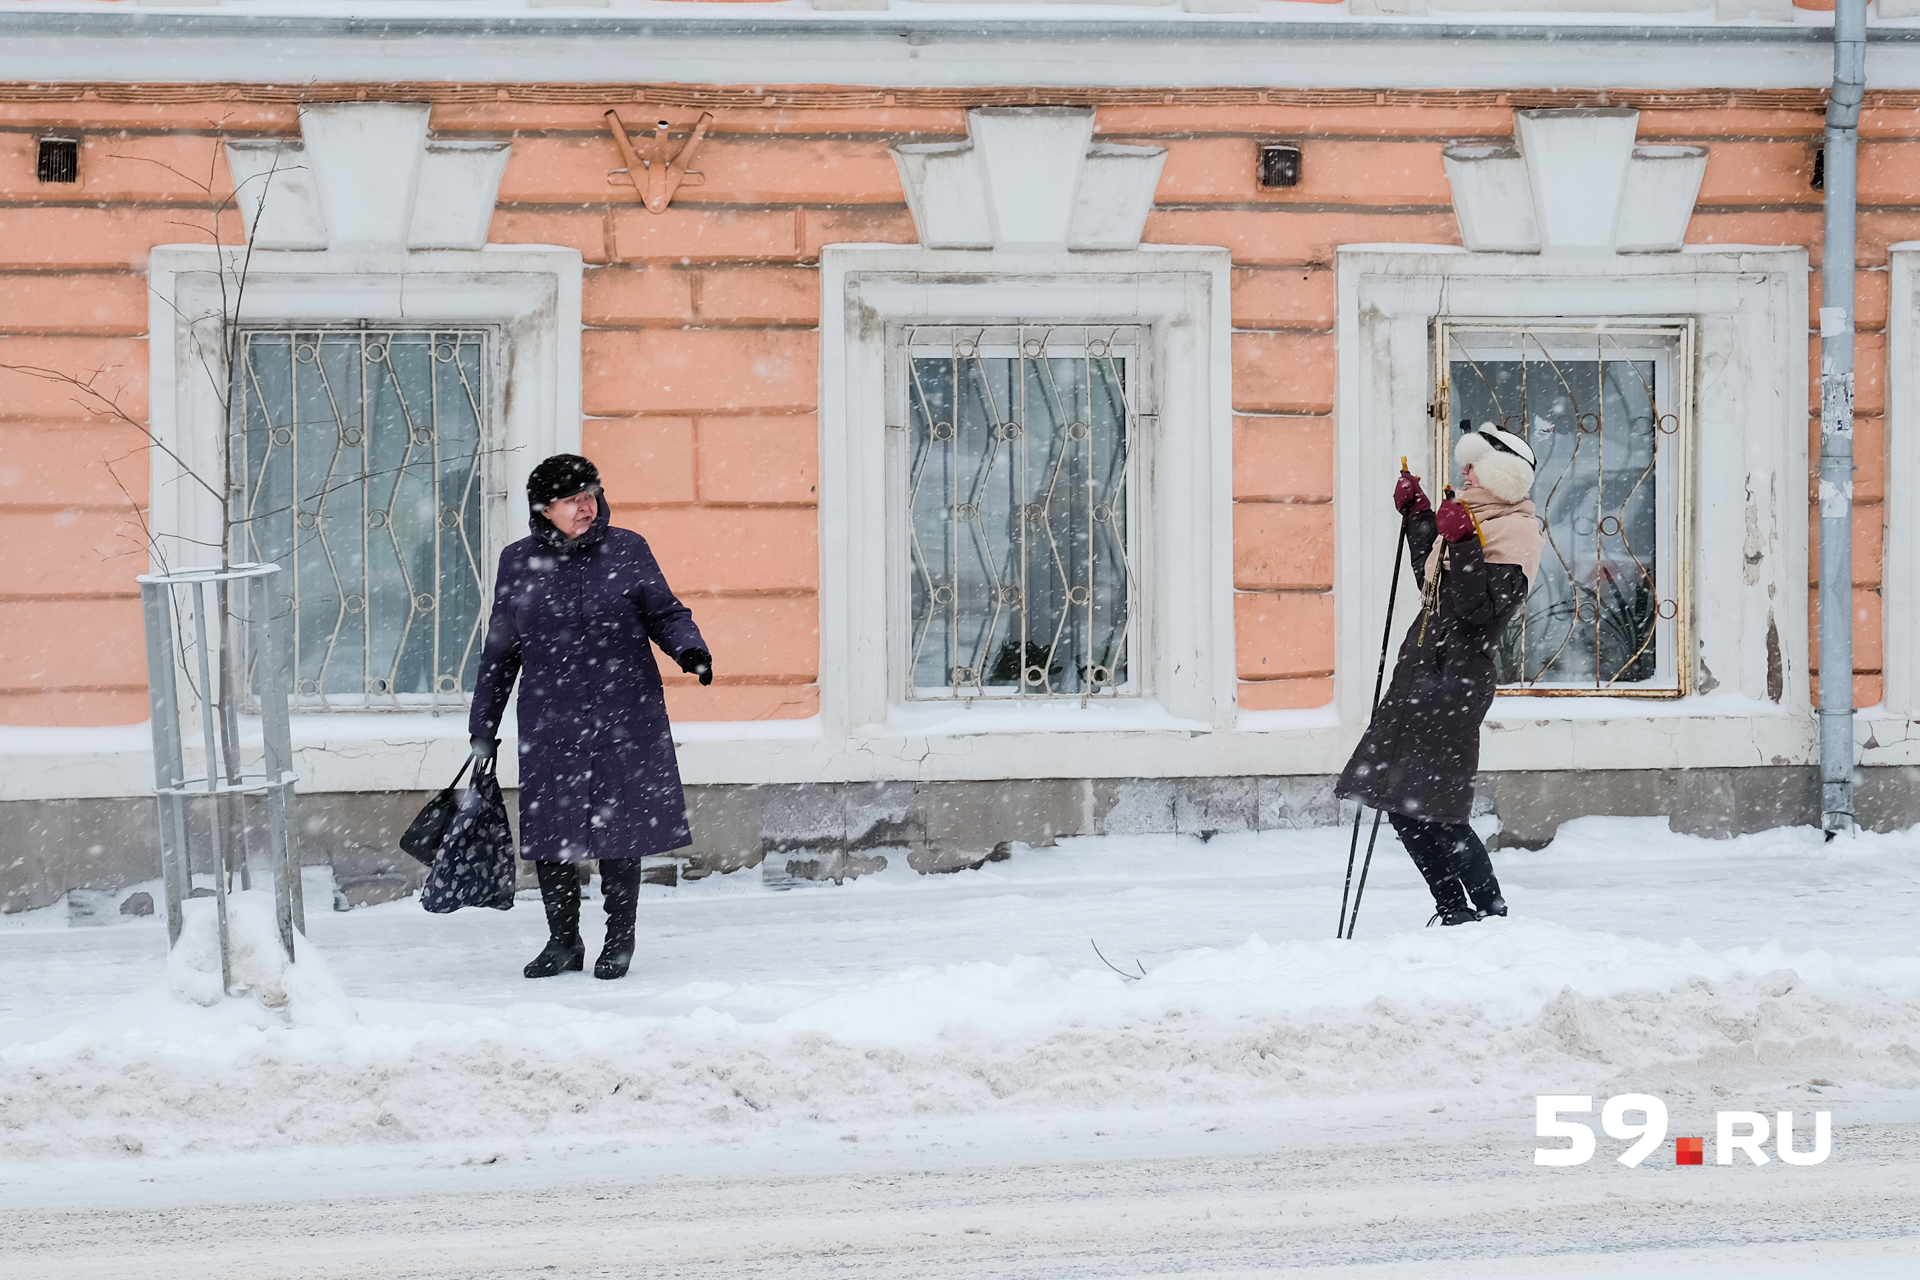 Прохожие, вынырнув из своих шарфов, удивляются лыжнику в центре города